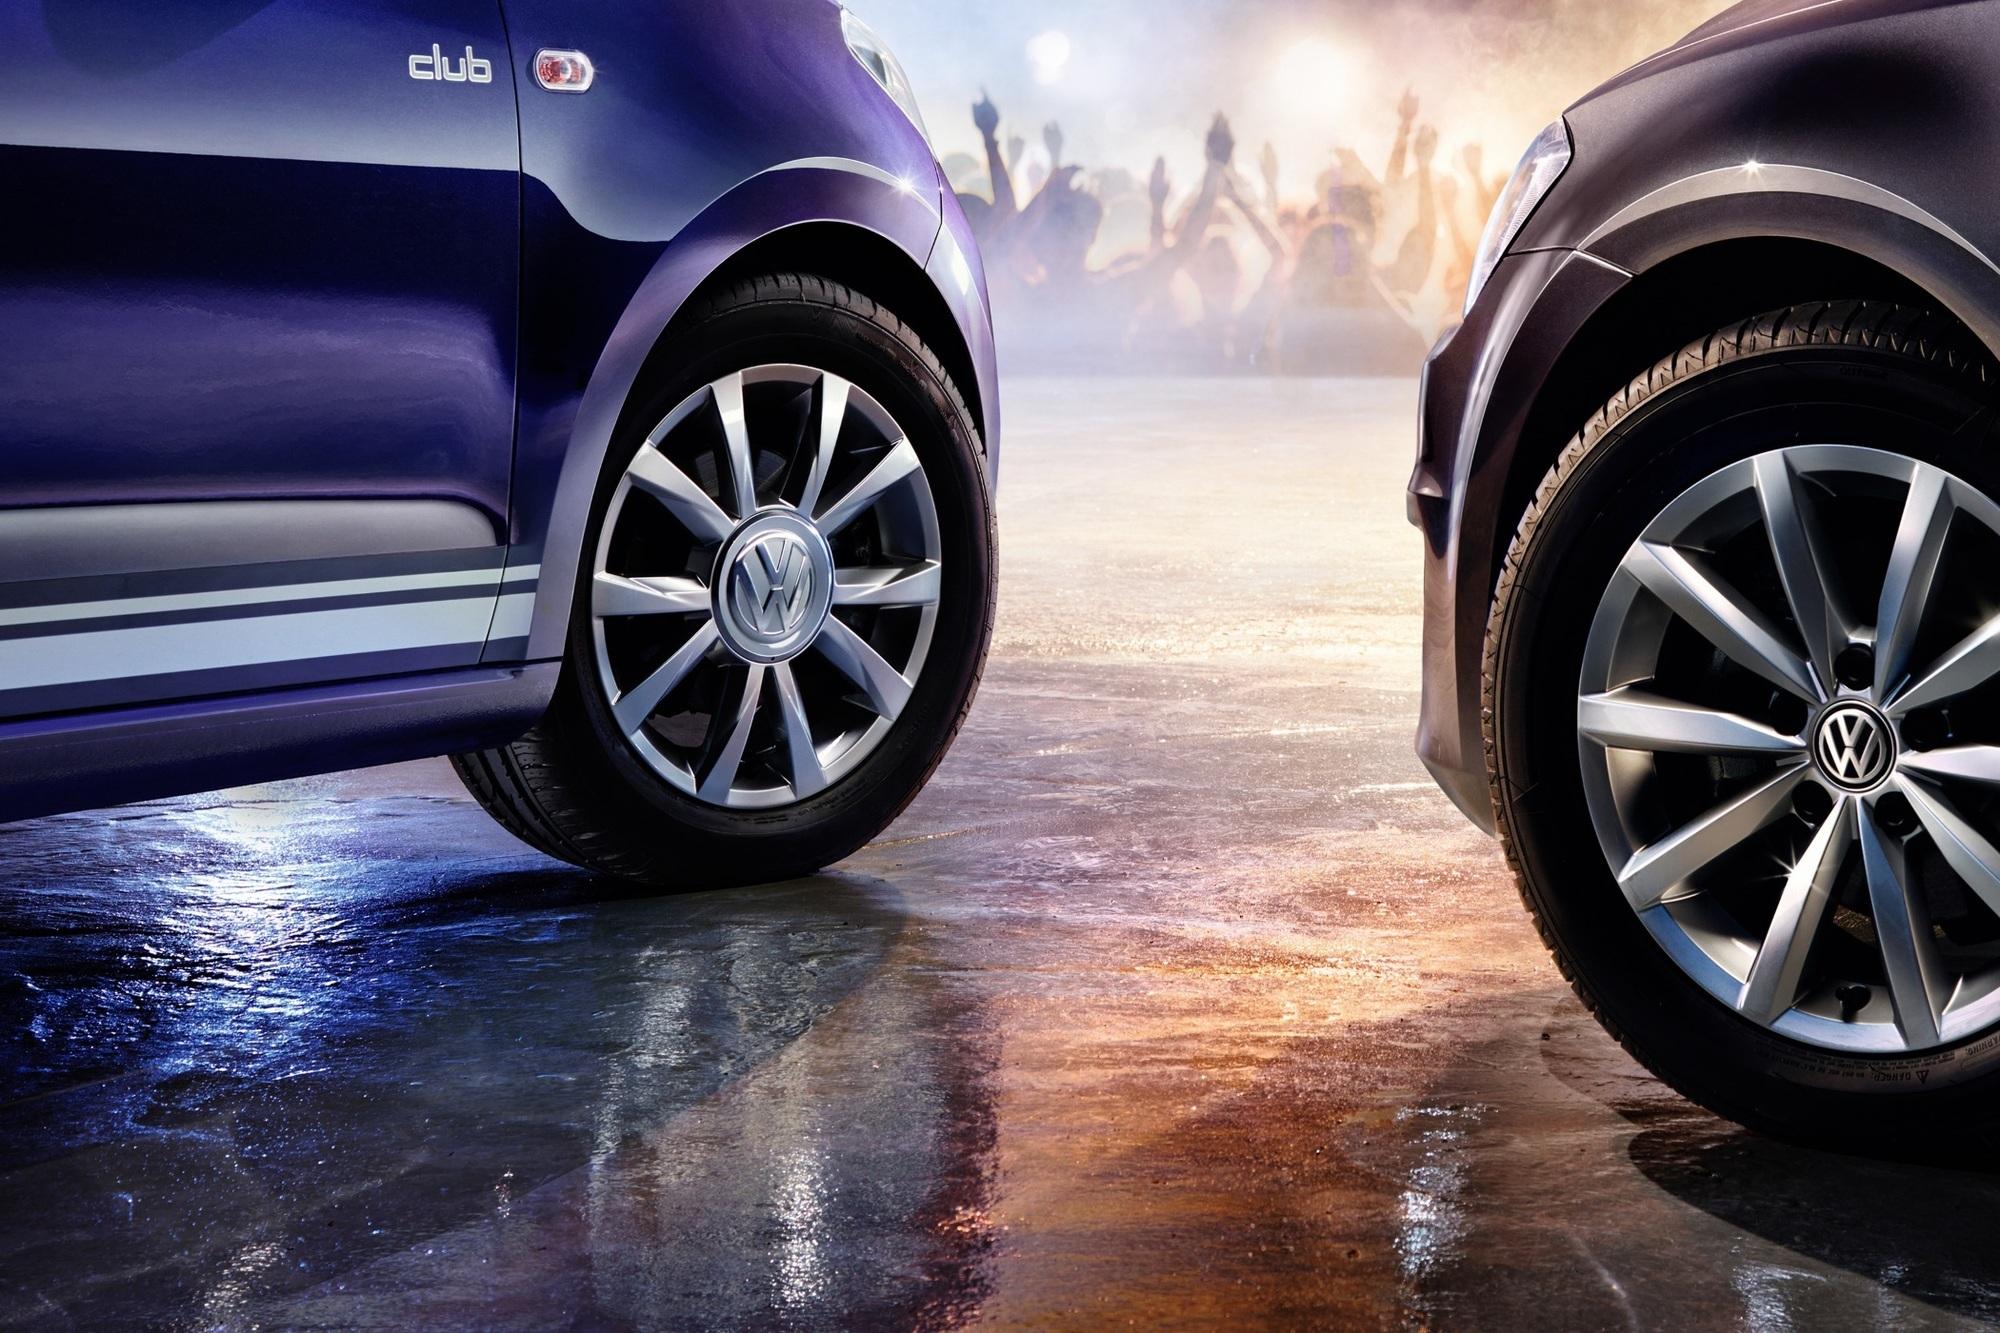 Garantie-Verlängerung bei VW - Fünf Jahre für Sondermodelle